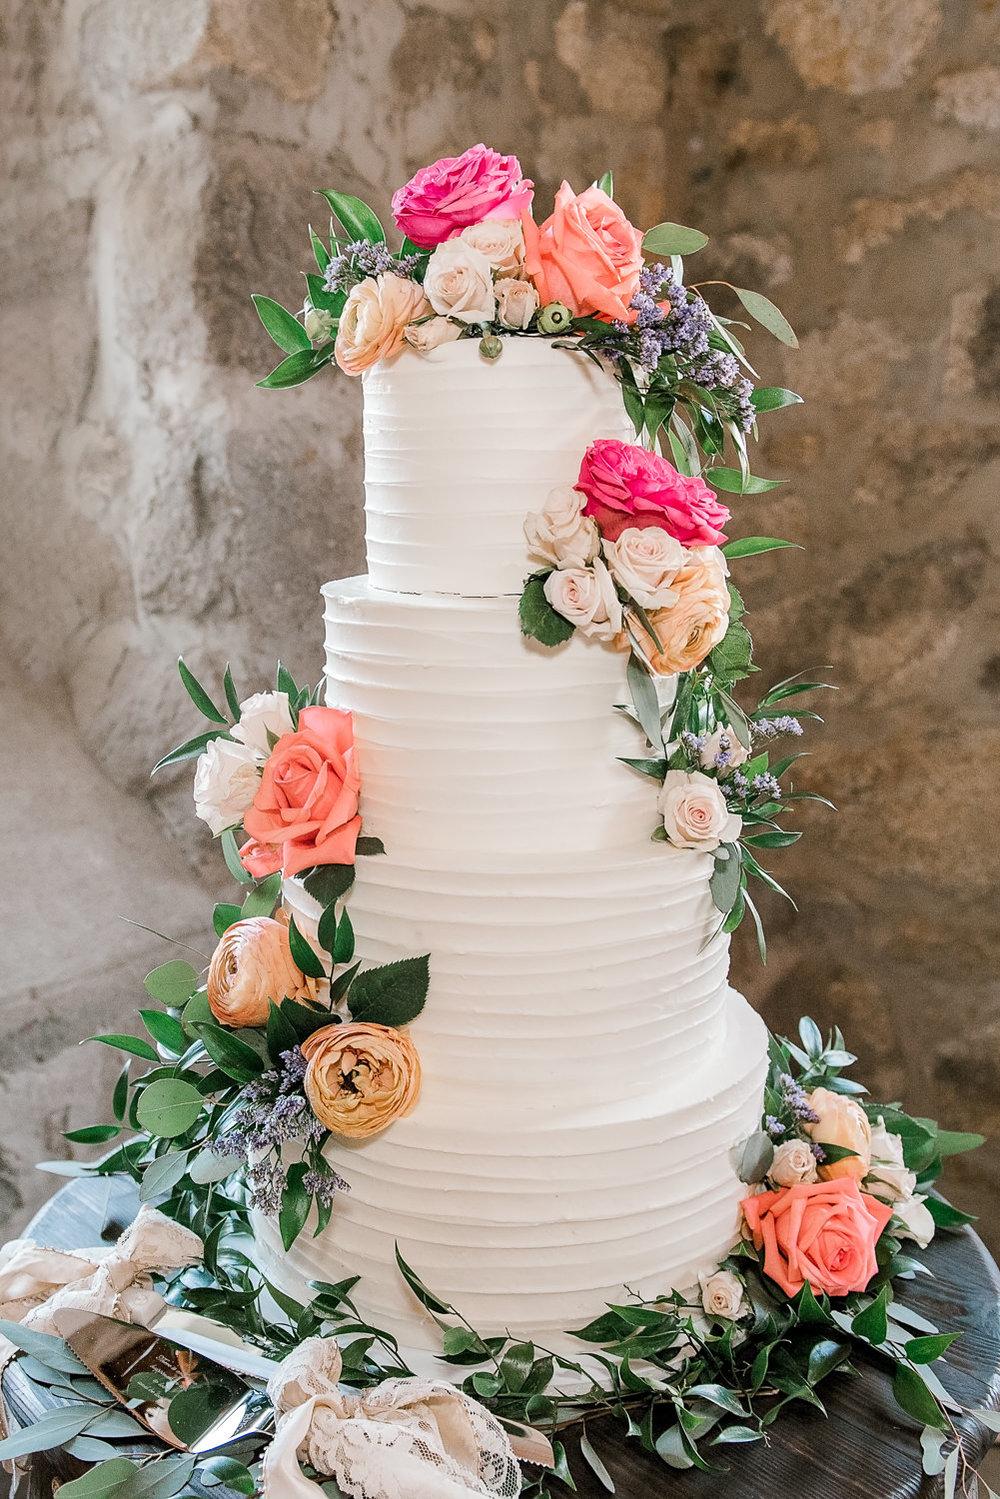 Stone Barn Standish Maine Wedding Cake